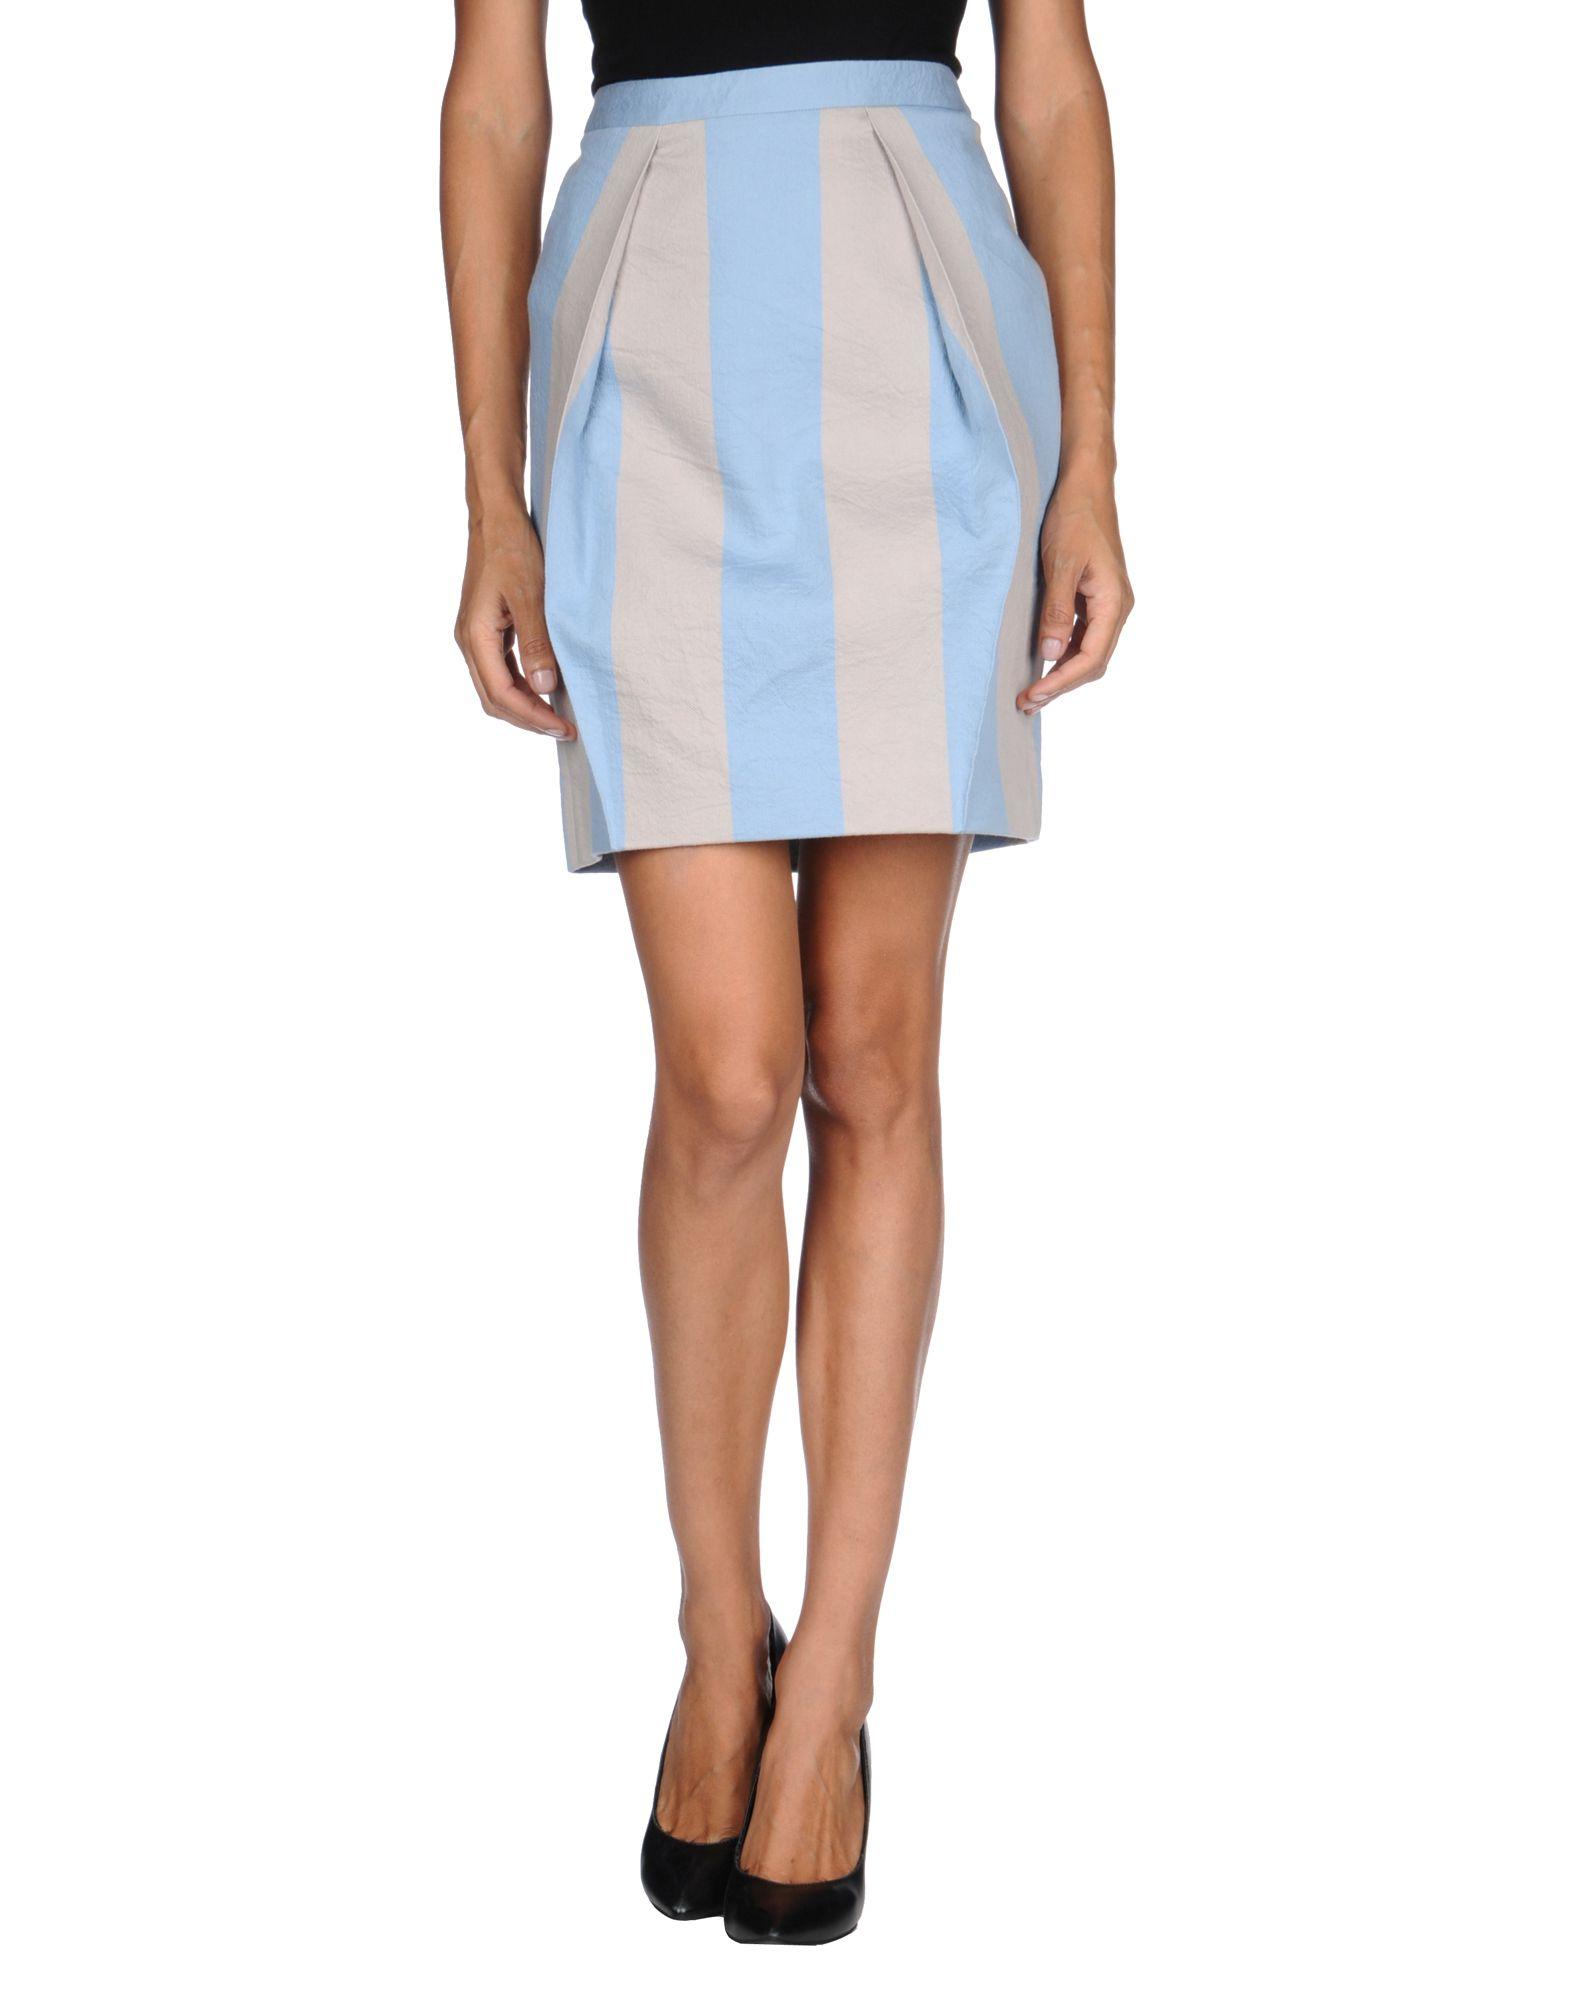 jil sander navy knee length skirt in blue sky blue